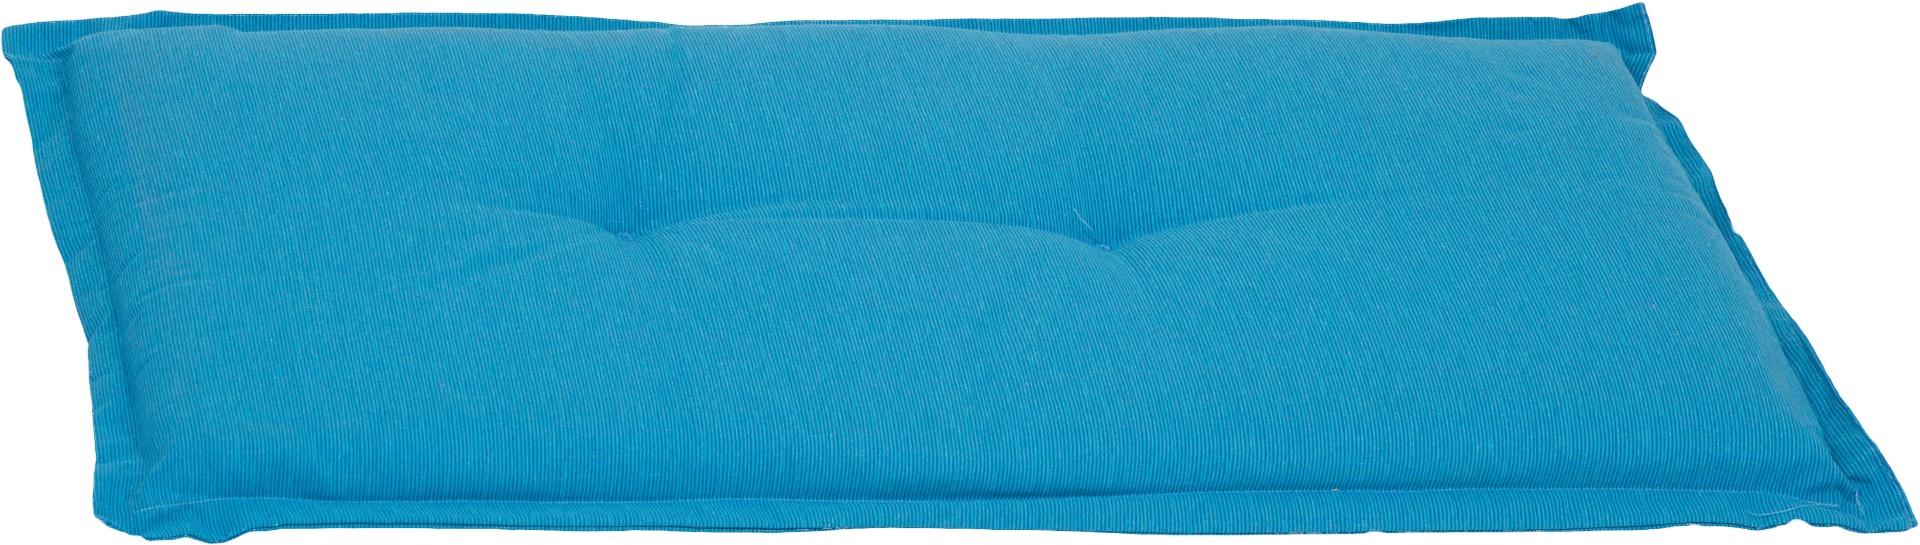 Bankauflage 2-Sitzer Sitzkissen ca. 100x45x6 cm hellblau meliert